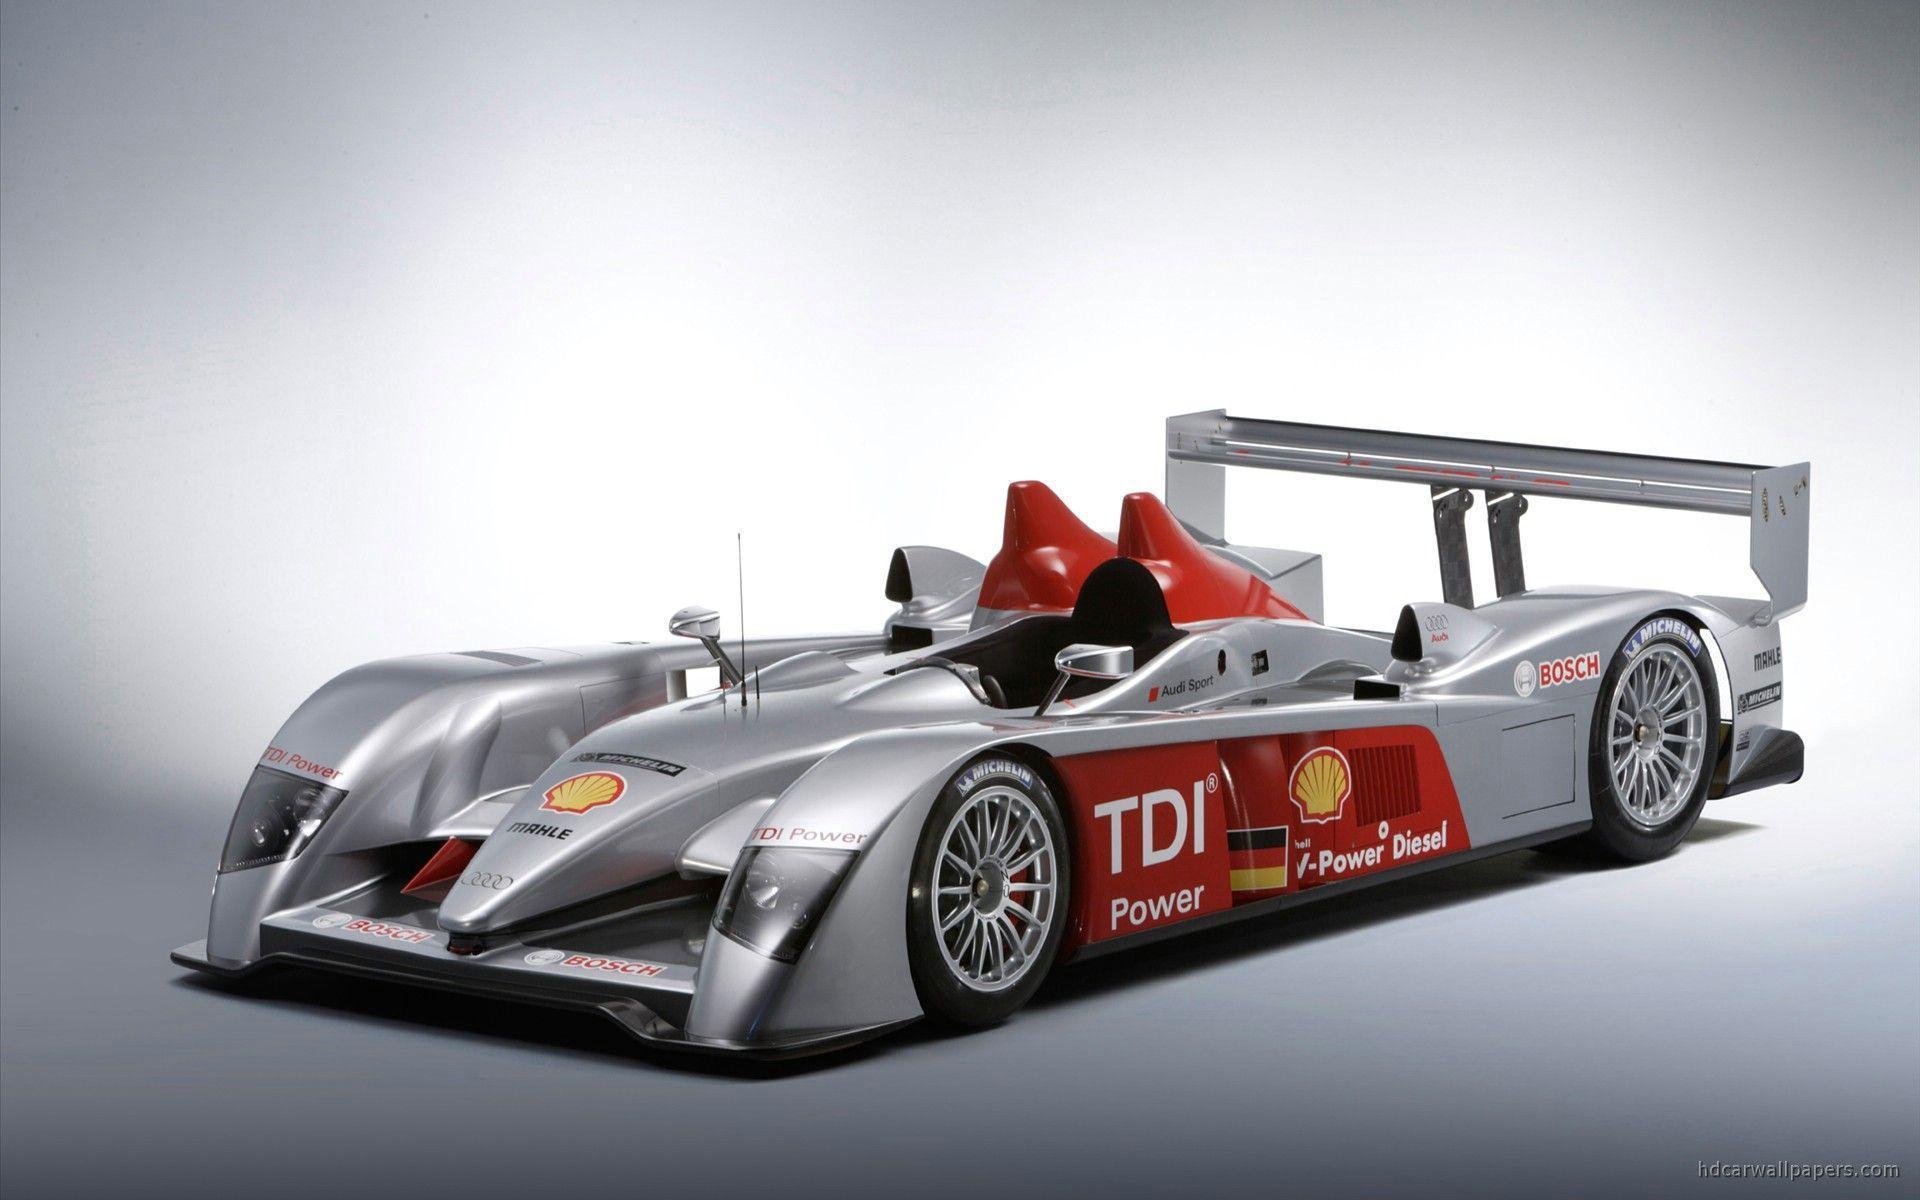 le mans race cars | Audi R10 Le Mans Race Car Wallpaper | HD Car ...